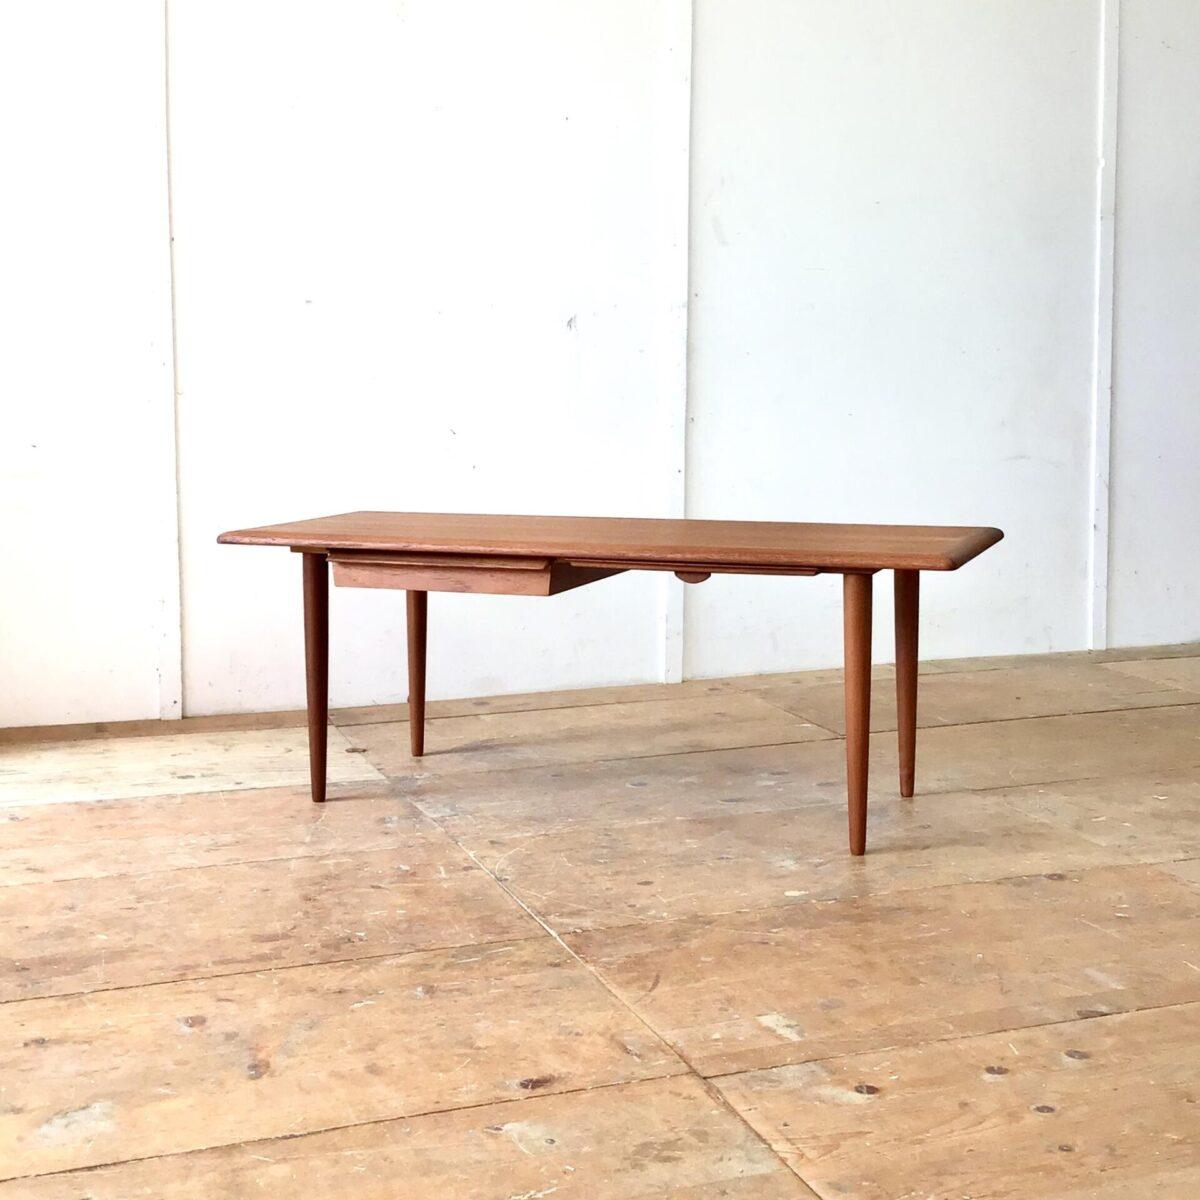 Dänischer midcentury Salontisch mit Schublade und Auszugtablar. 136x53.5cm Höhe 50cm. Der Couchtisch wurde restauriert. Teile der Schublade, welche defekt waren, haben wir neu nachproduziert. Die Holzoberflächen sind mit Naturöl behandelt. Schublade und Tablar lassen sich auf beiden Seiten ausziehen.